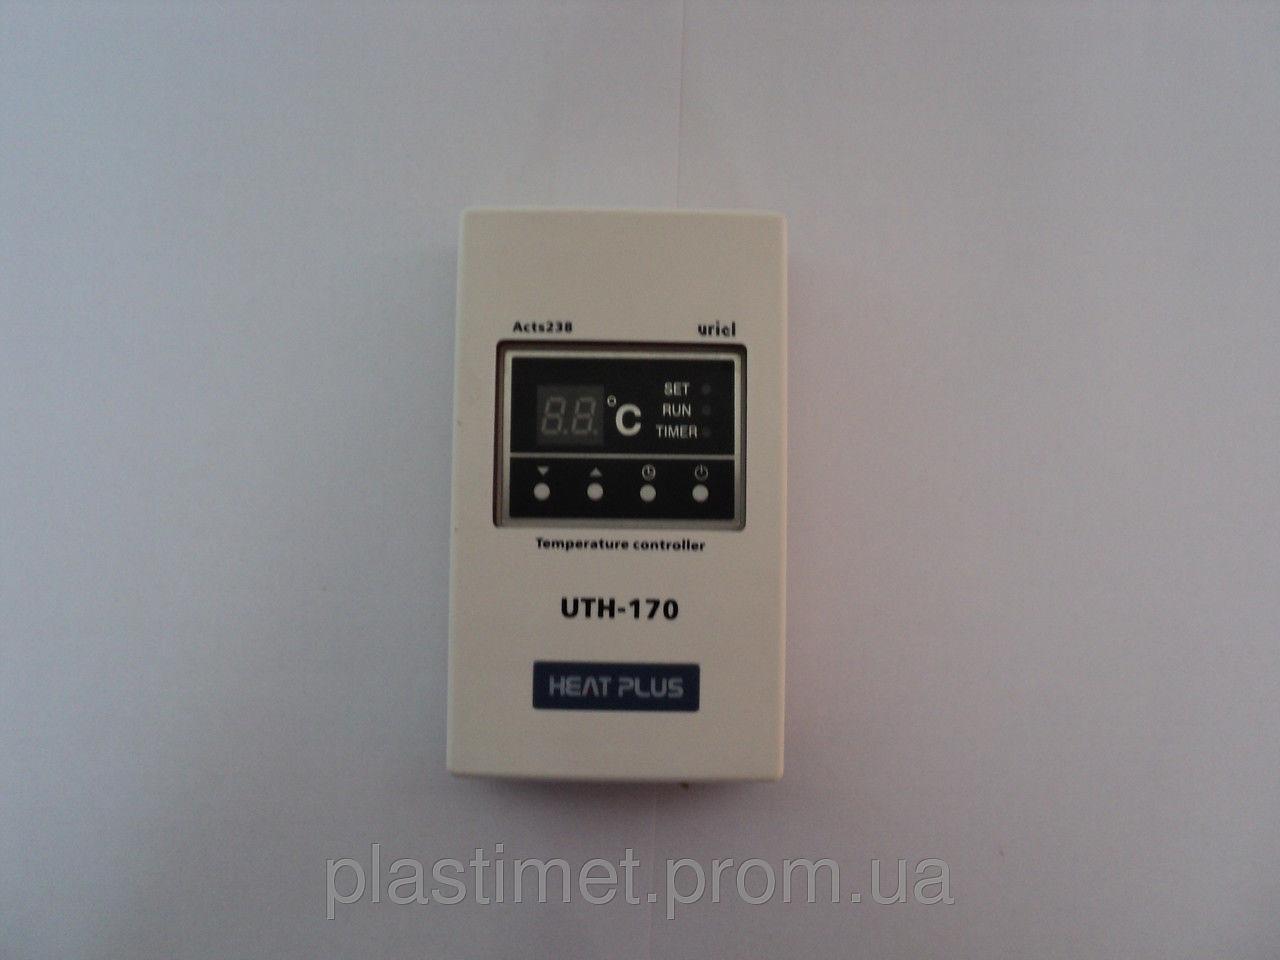 Термостат UTH-170